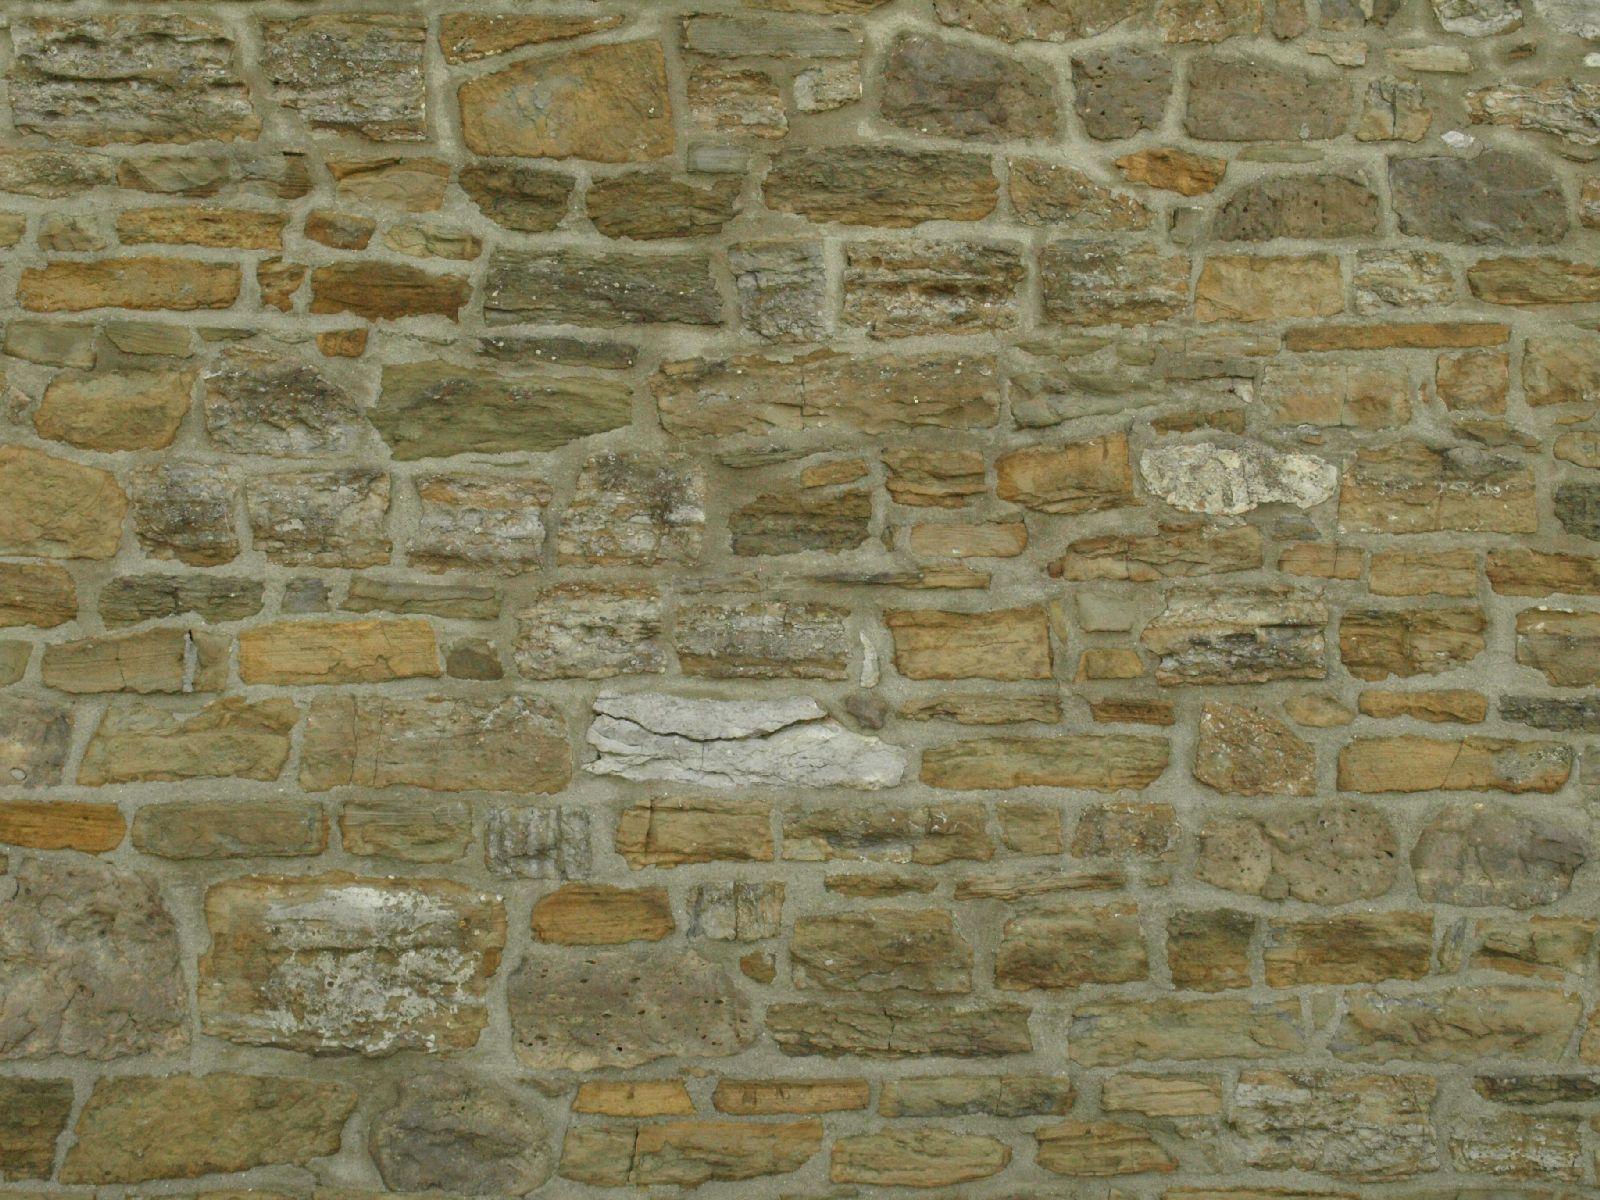 Wand-Bruchstein_Textur_A_P4101880